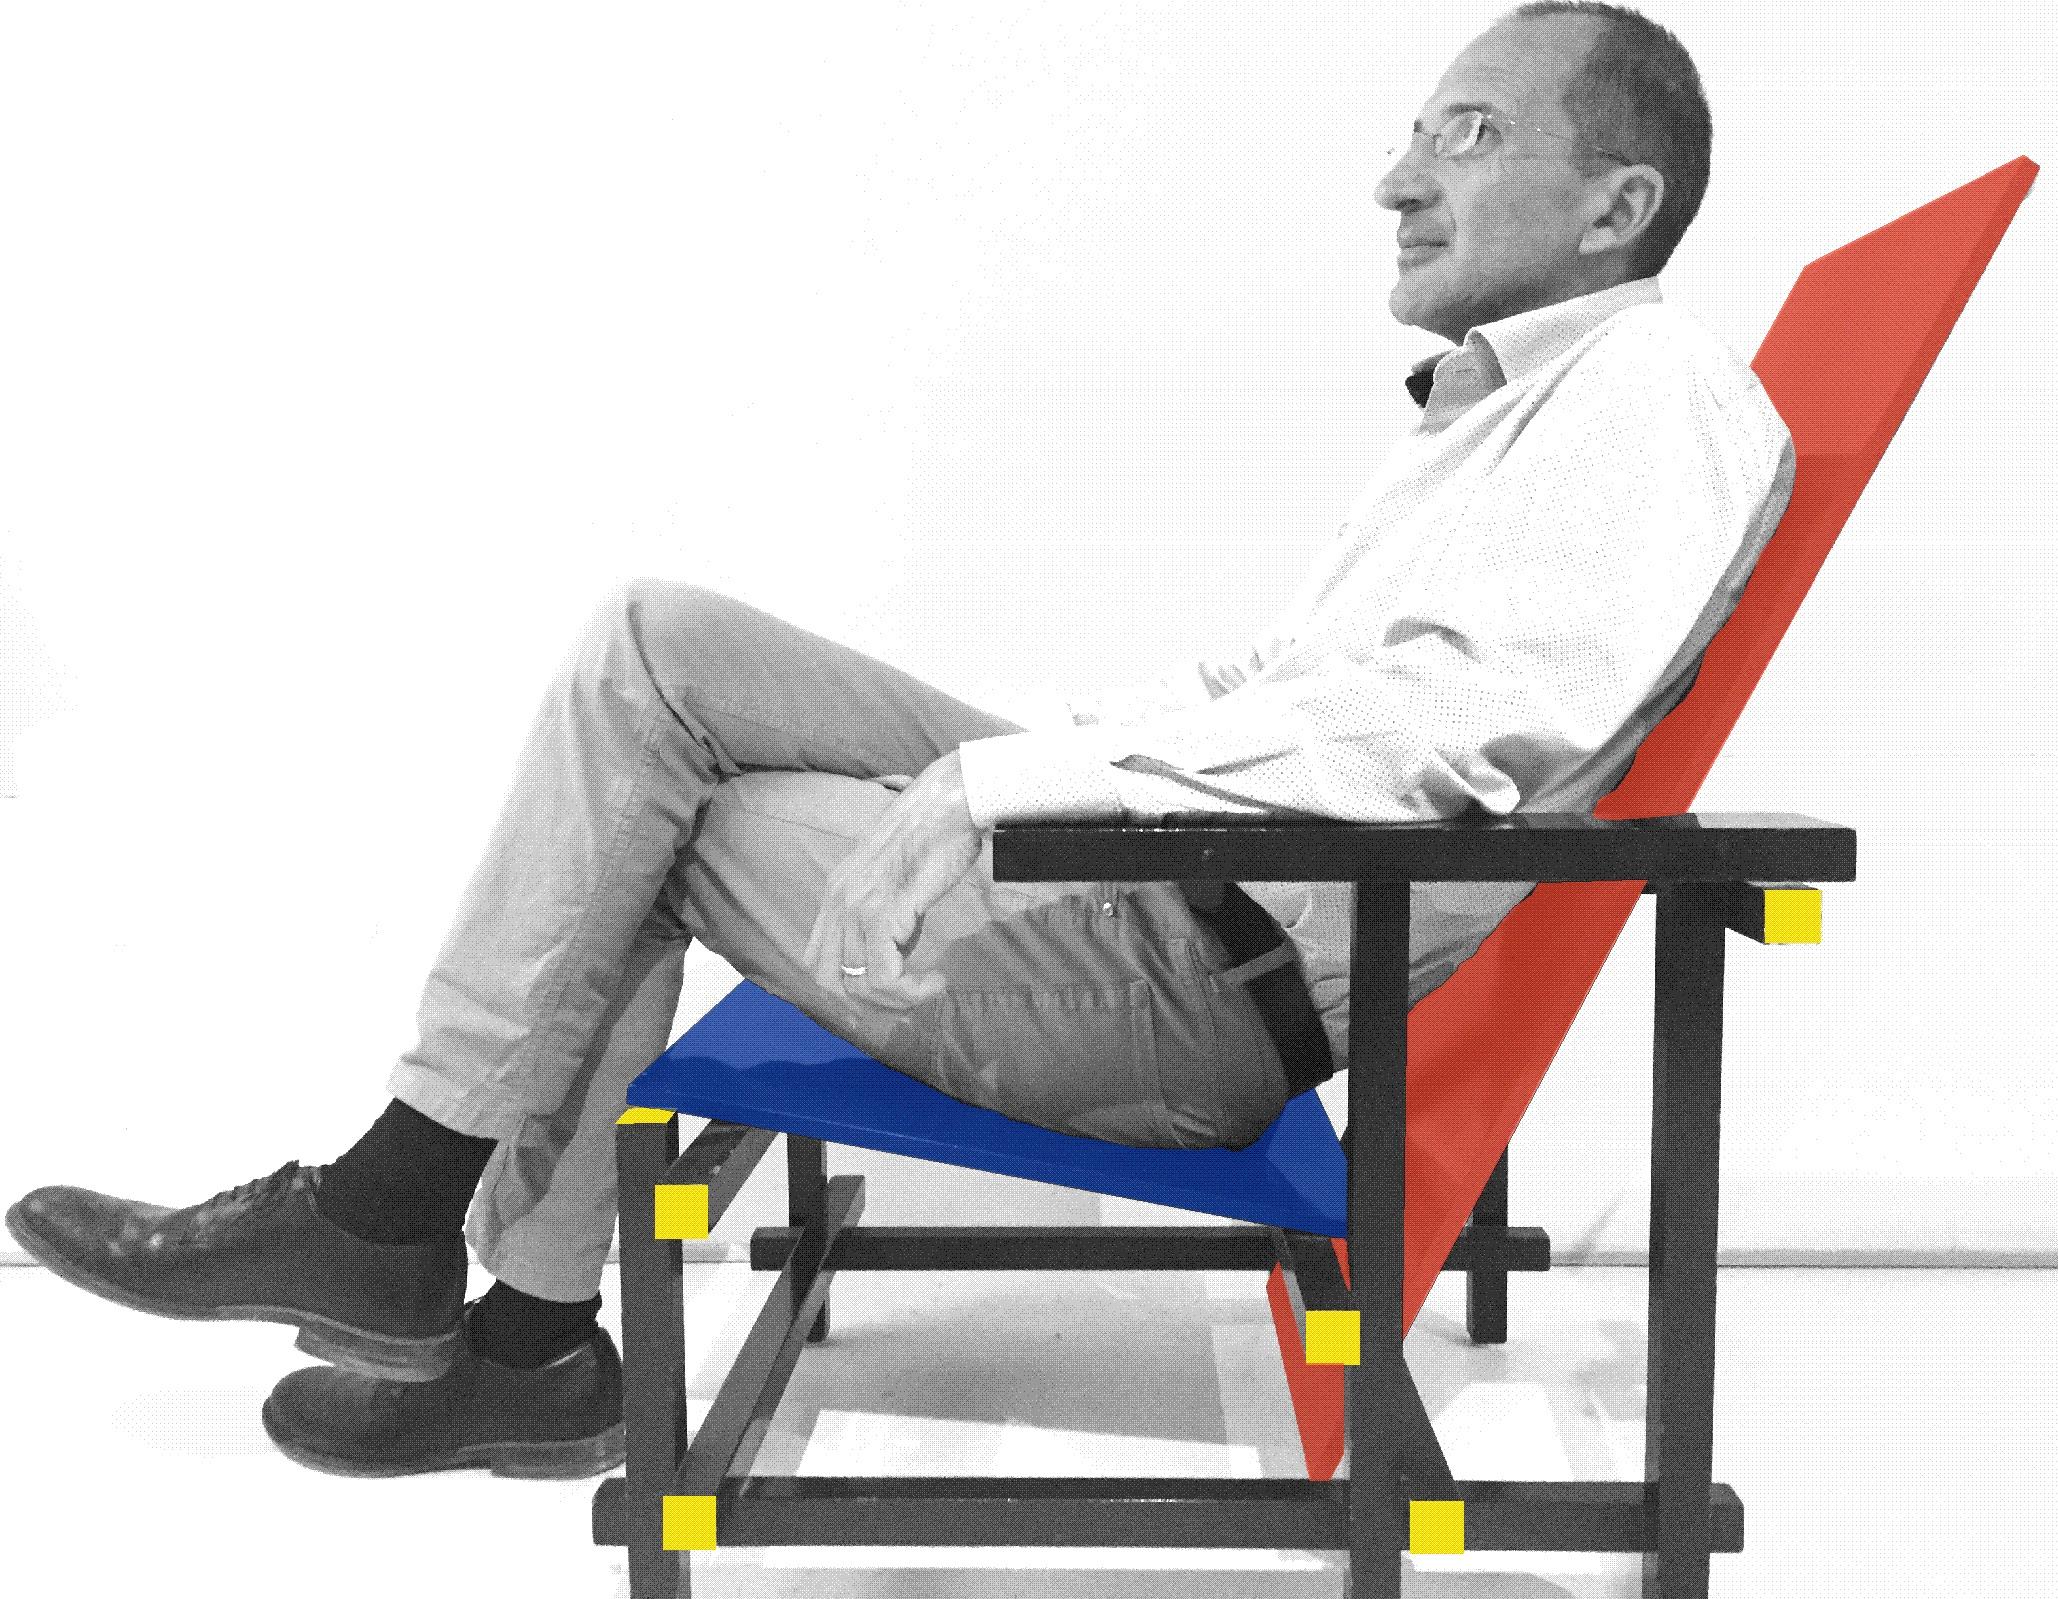 L'immagine ritrae l'Architetto Diaferio nel suo studio